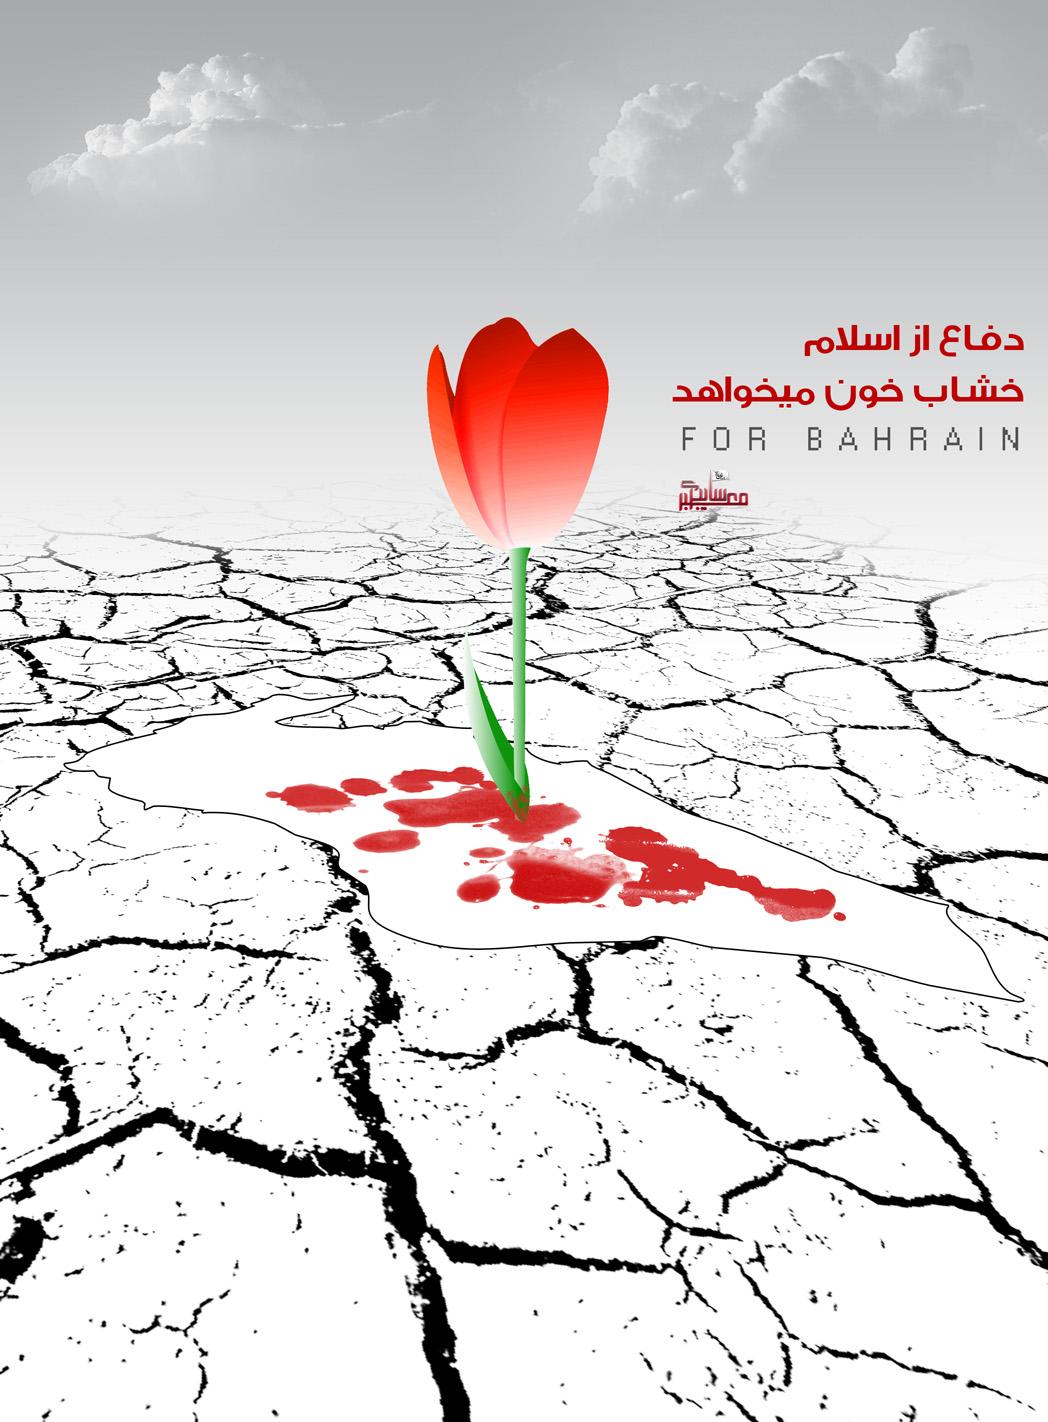 for bahrain